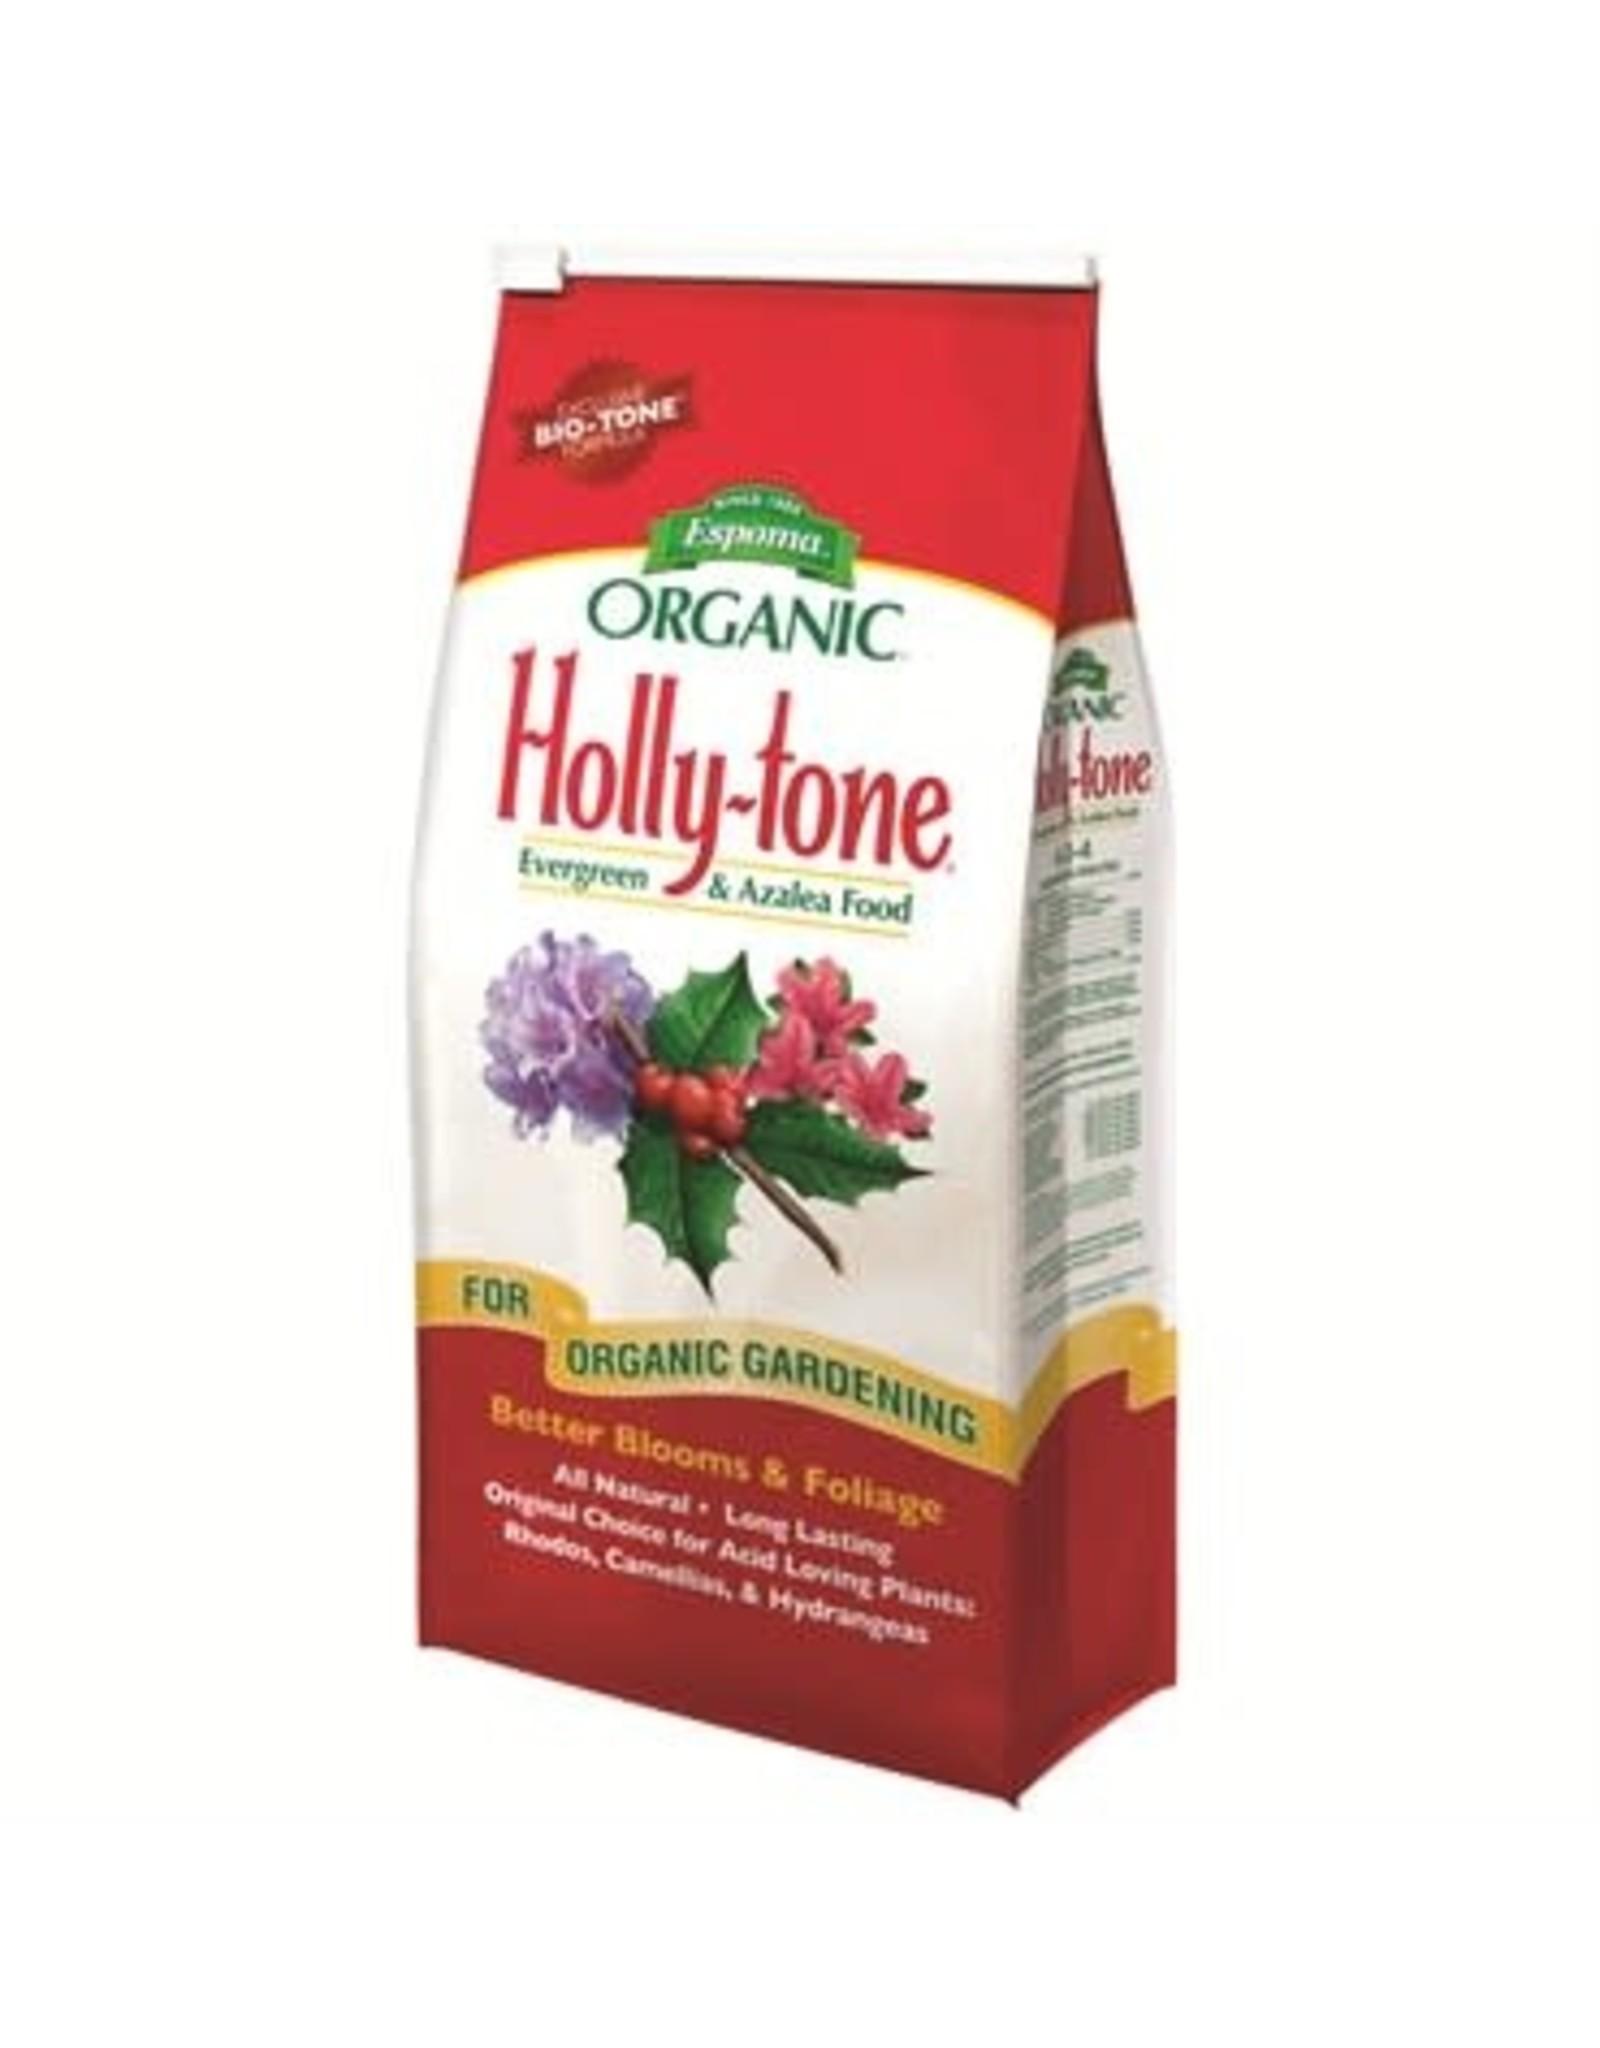 Holly Tone 4 lb